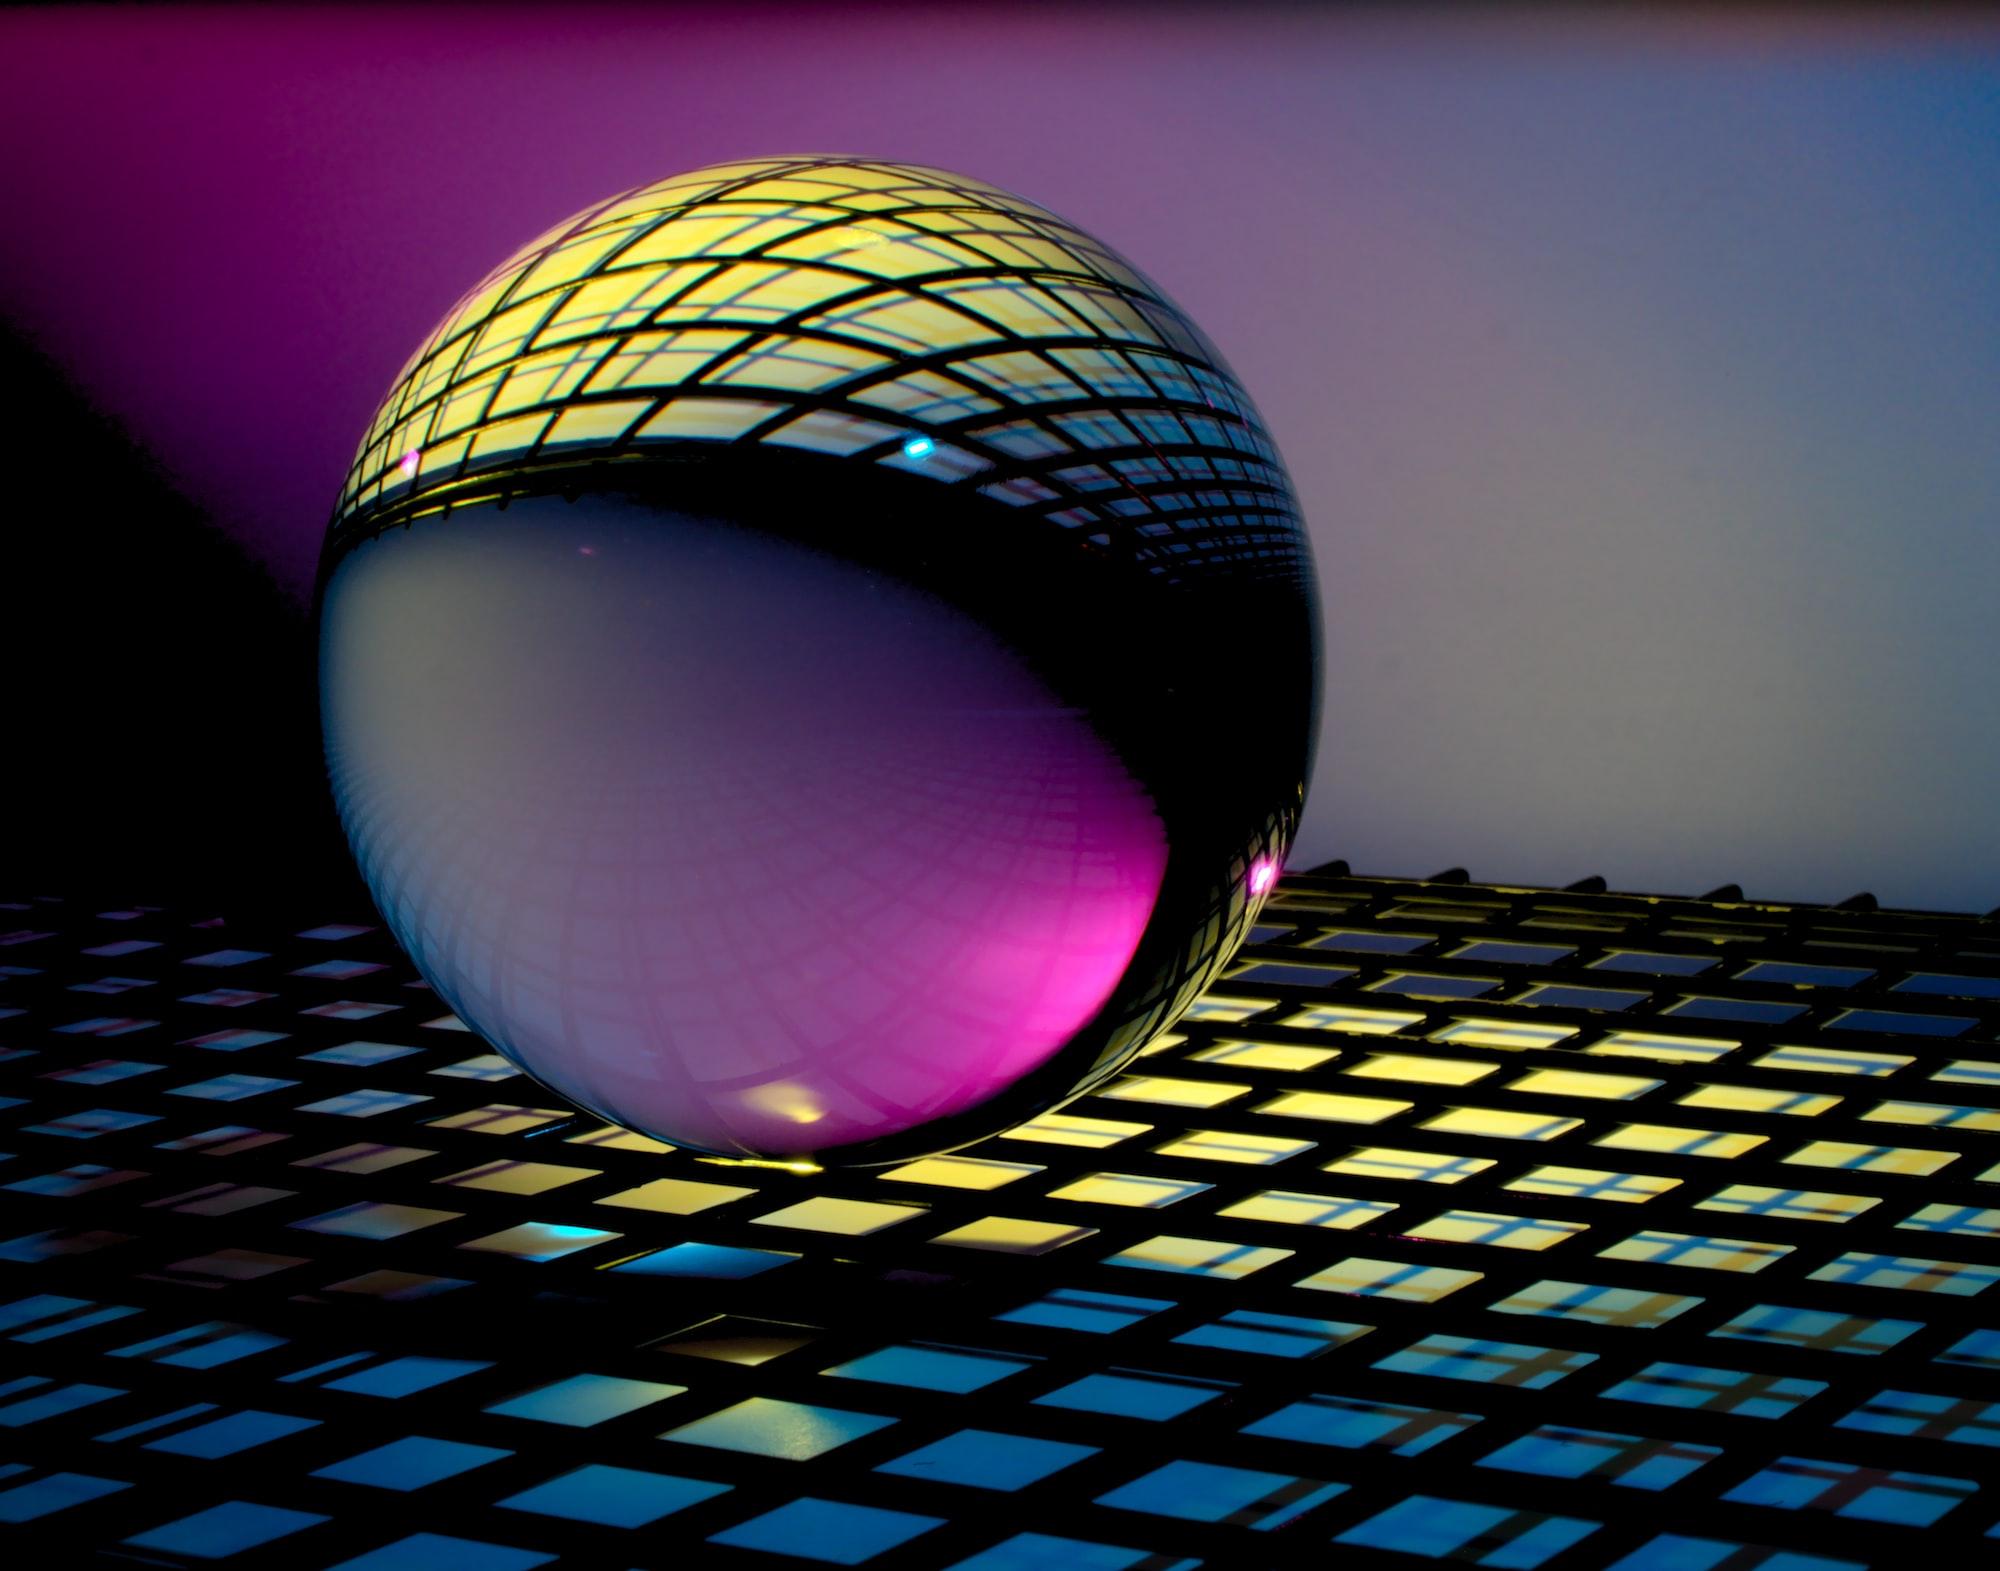 Glass ball brain